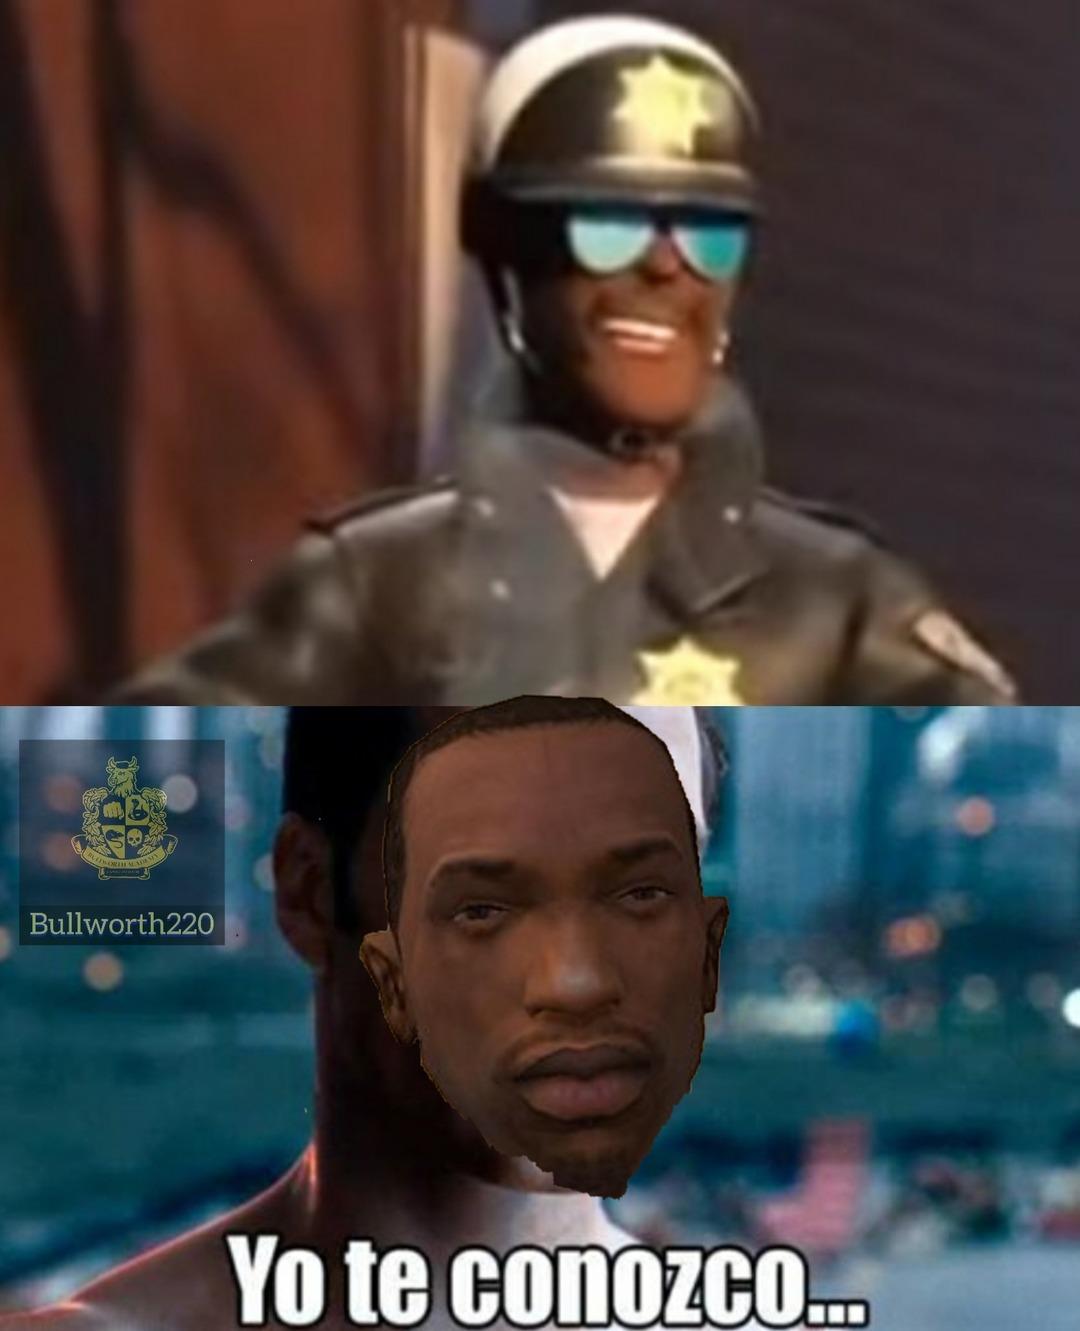 El poli negro motociclista de gta san andreas en jefe en pañales 2 - meme